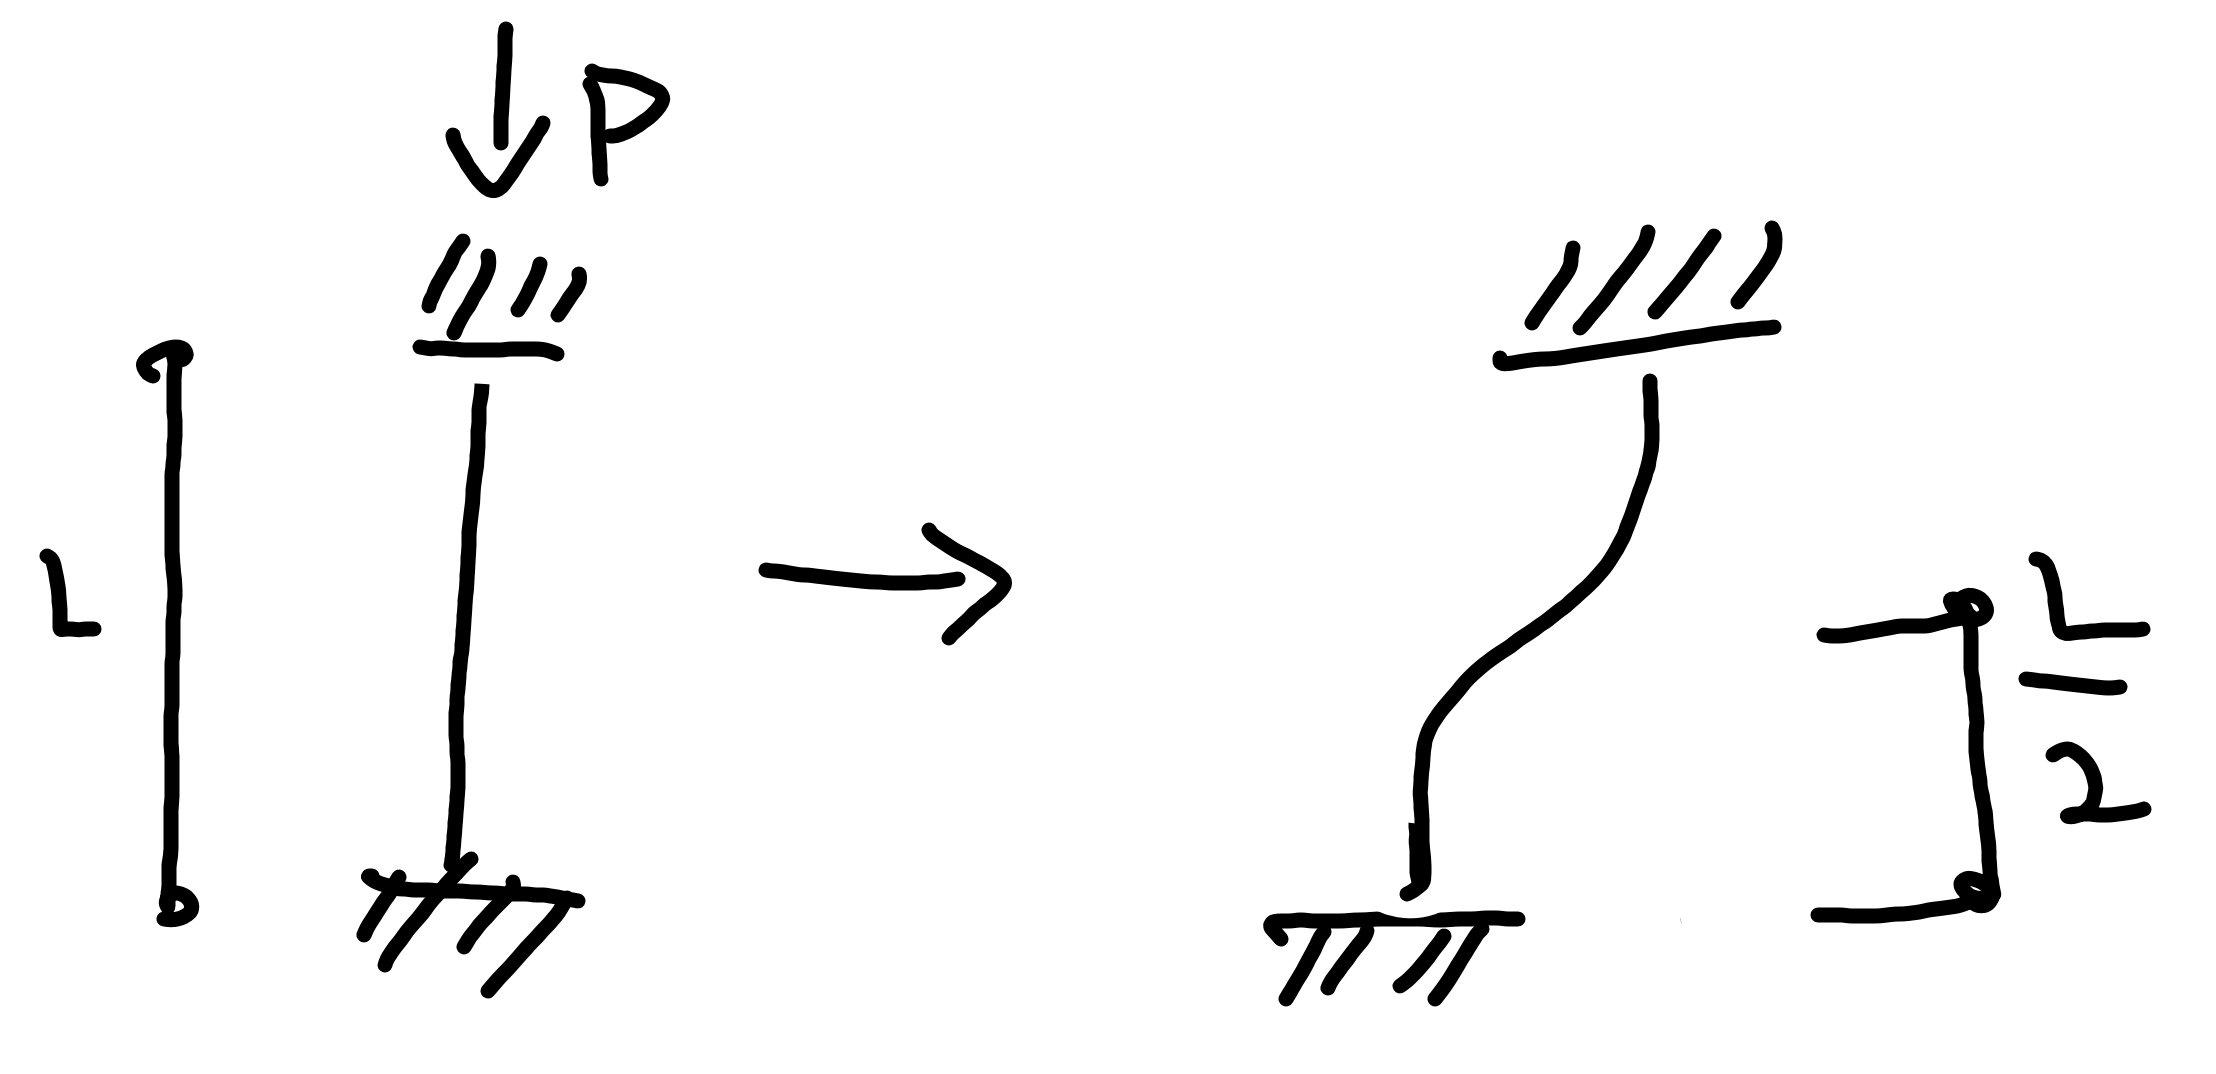 座屈モード 固定端 固定端 水平移動可